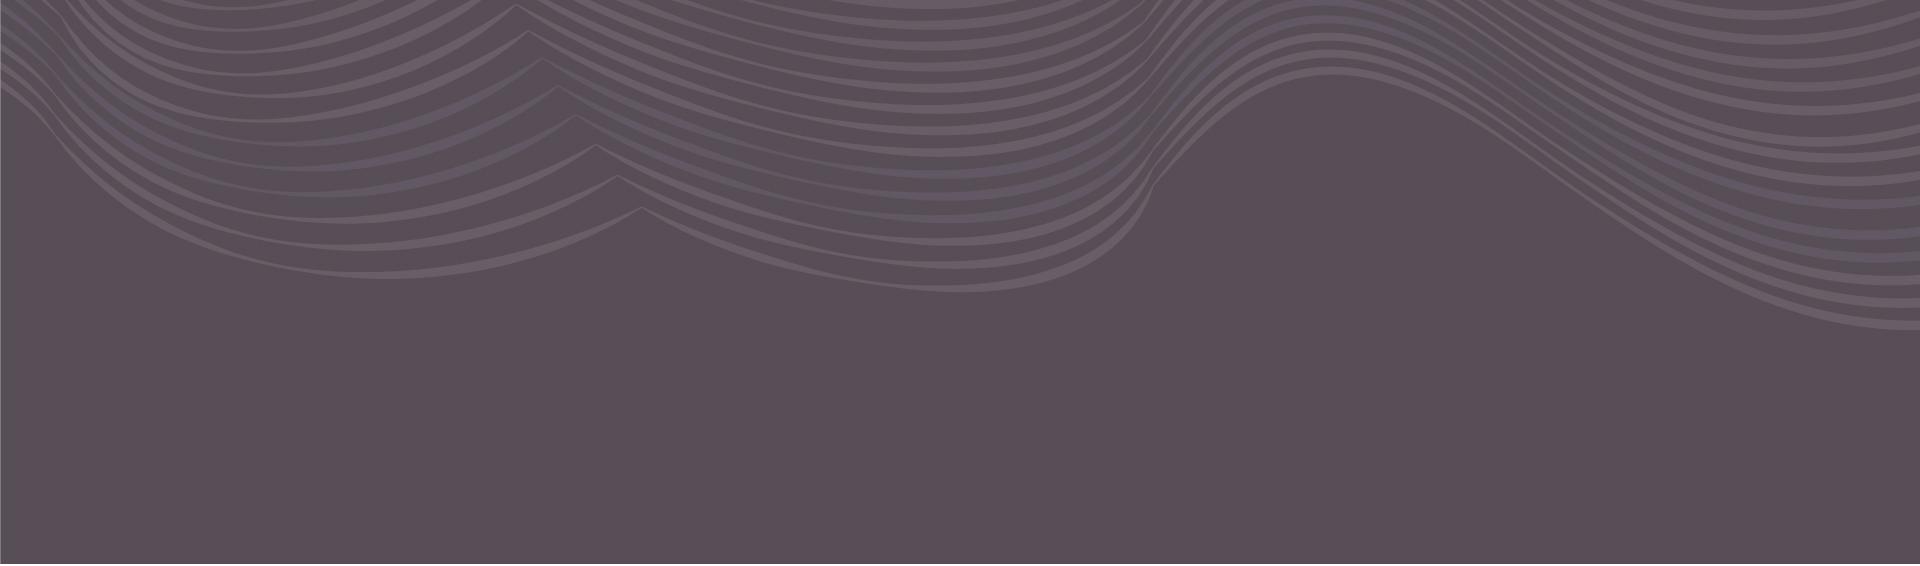 8 главных трендов UX-дизайна в 2020 году